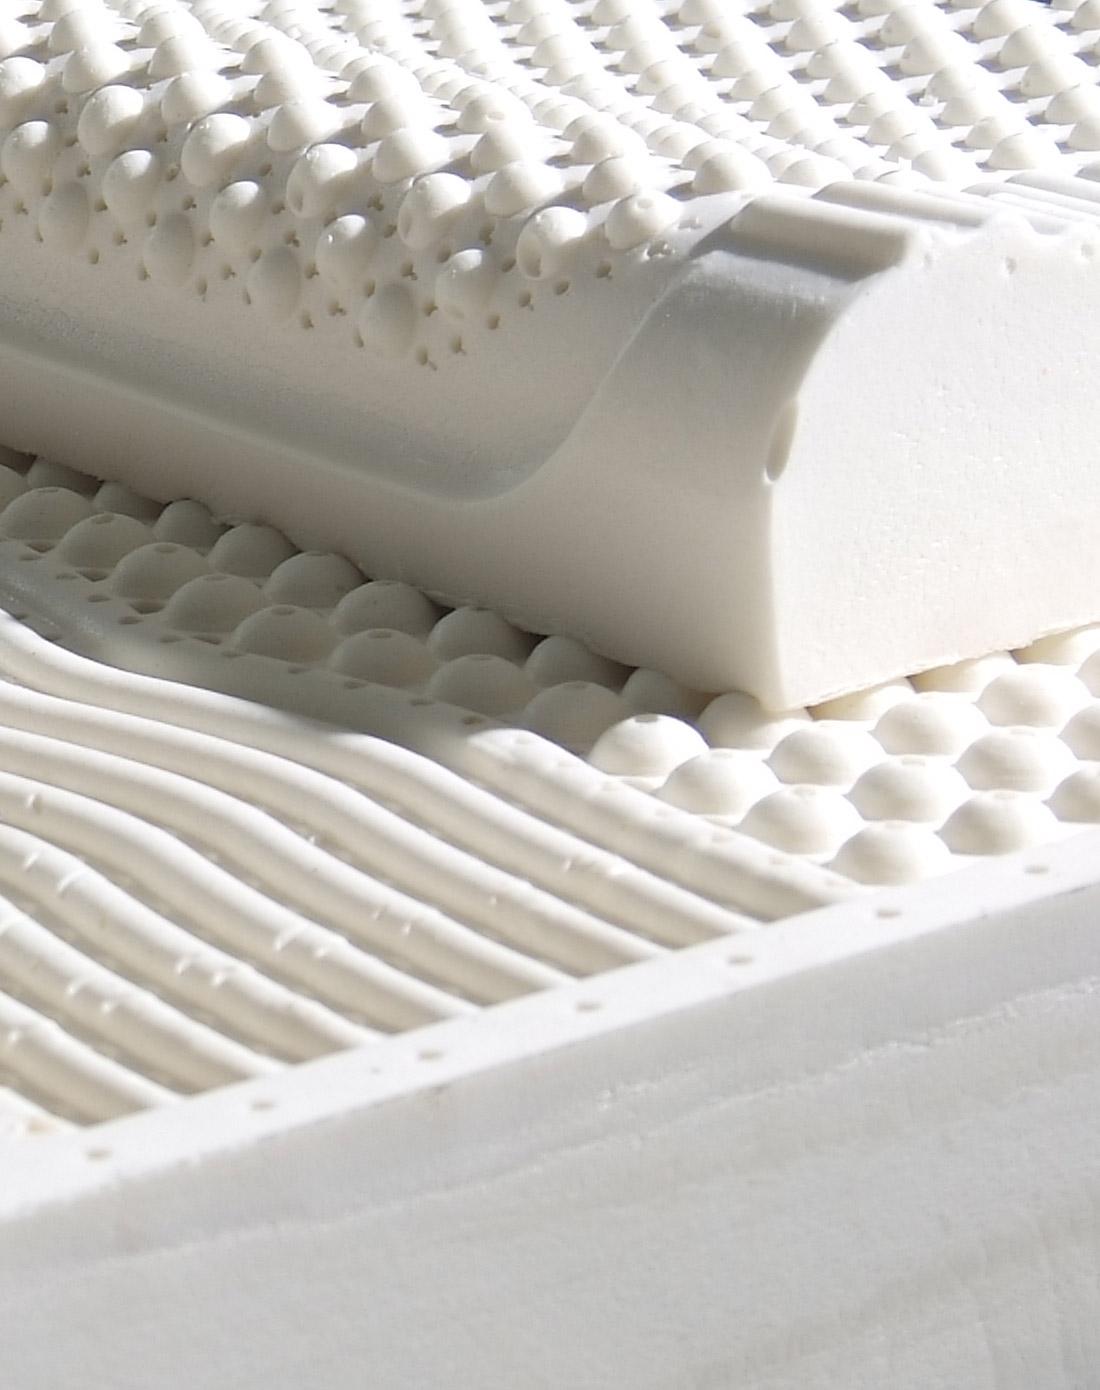 乳胶七区按摩床垫(5cm)图片